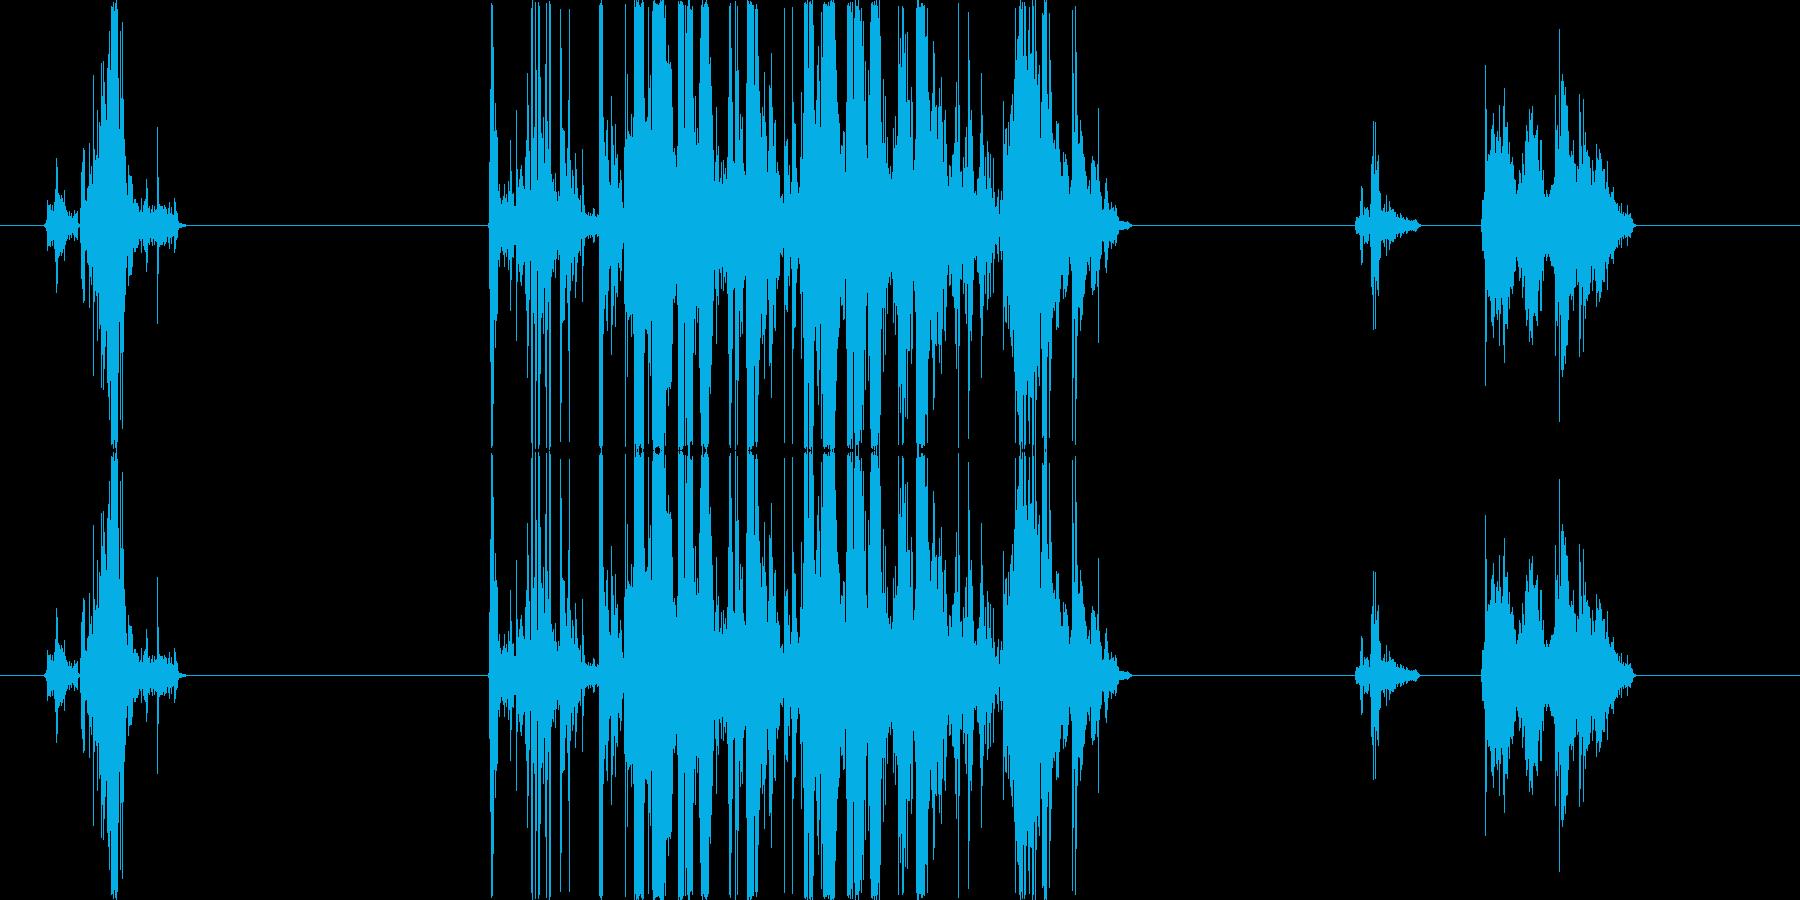 ガンさばきの音の再生済みの波形